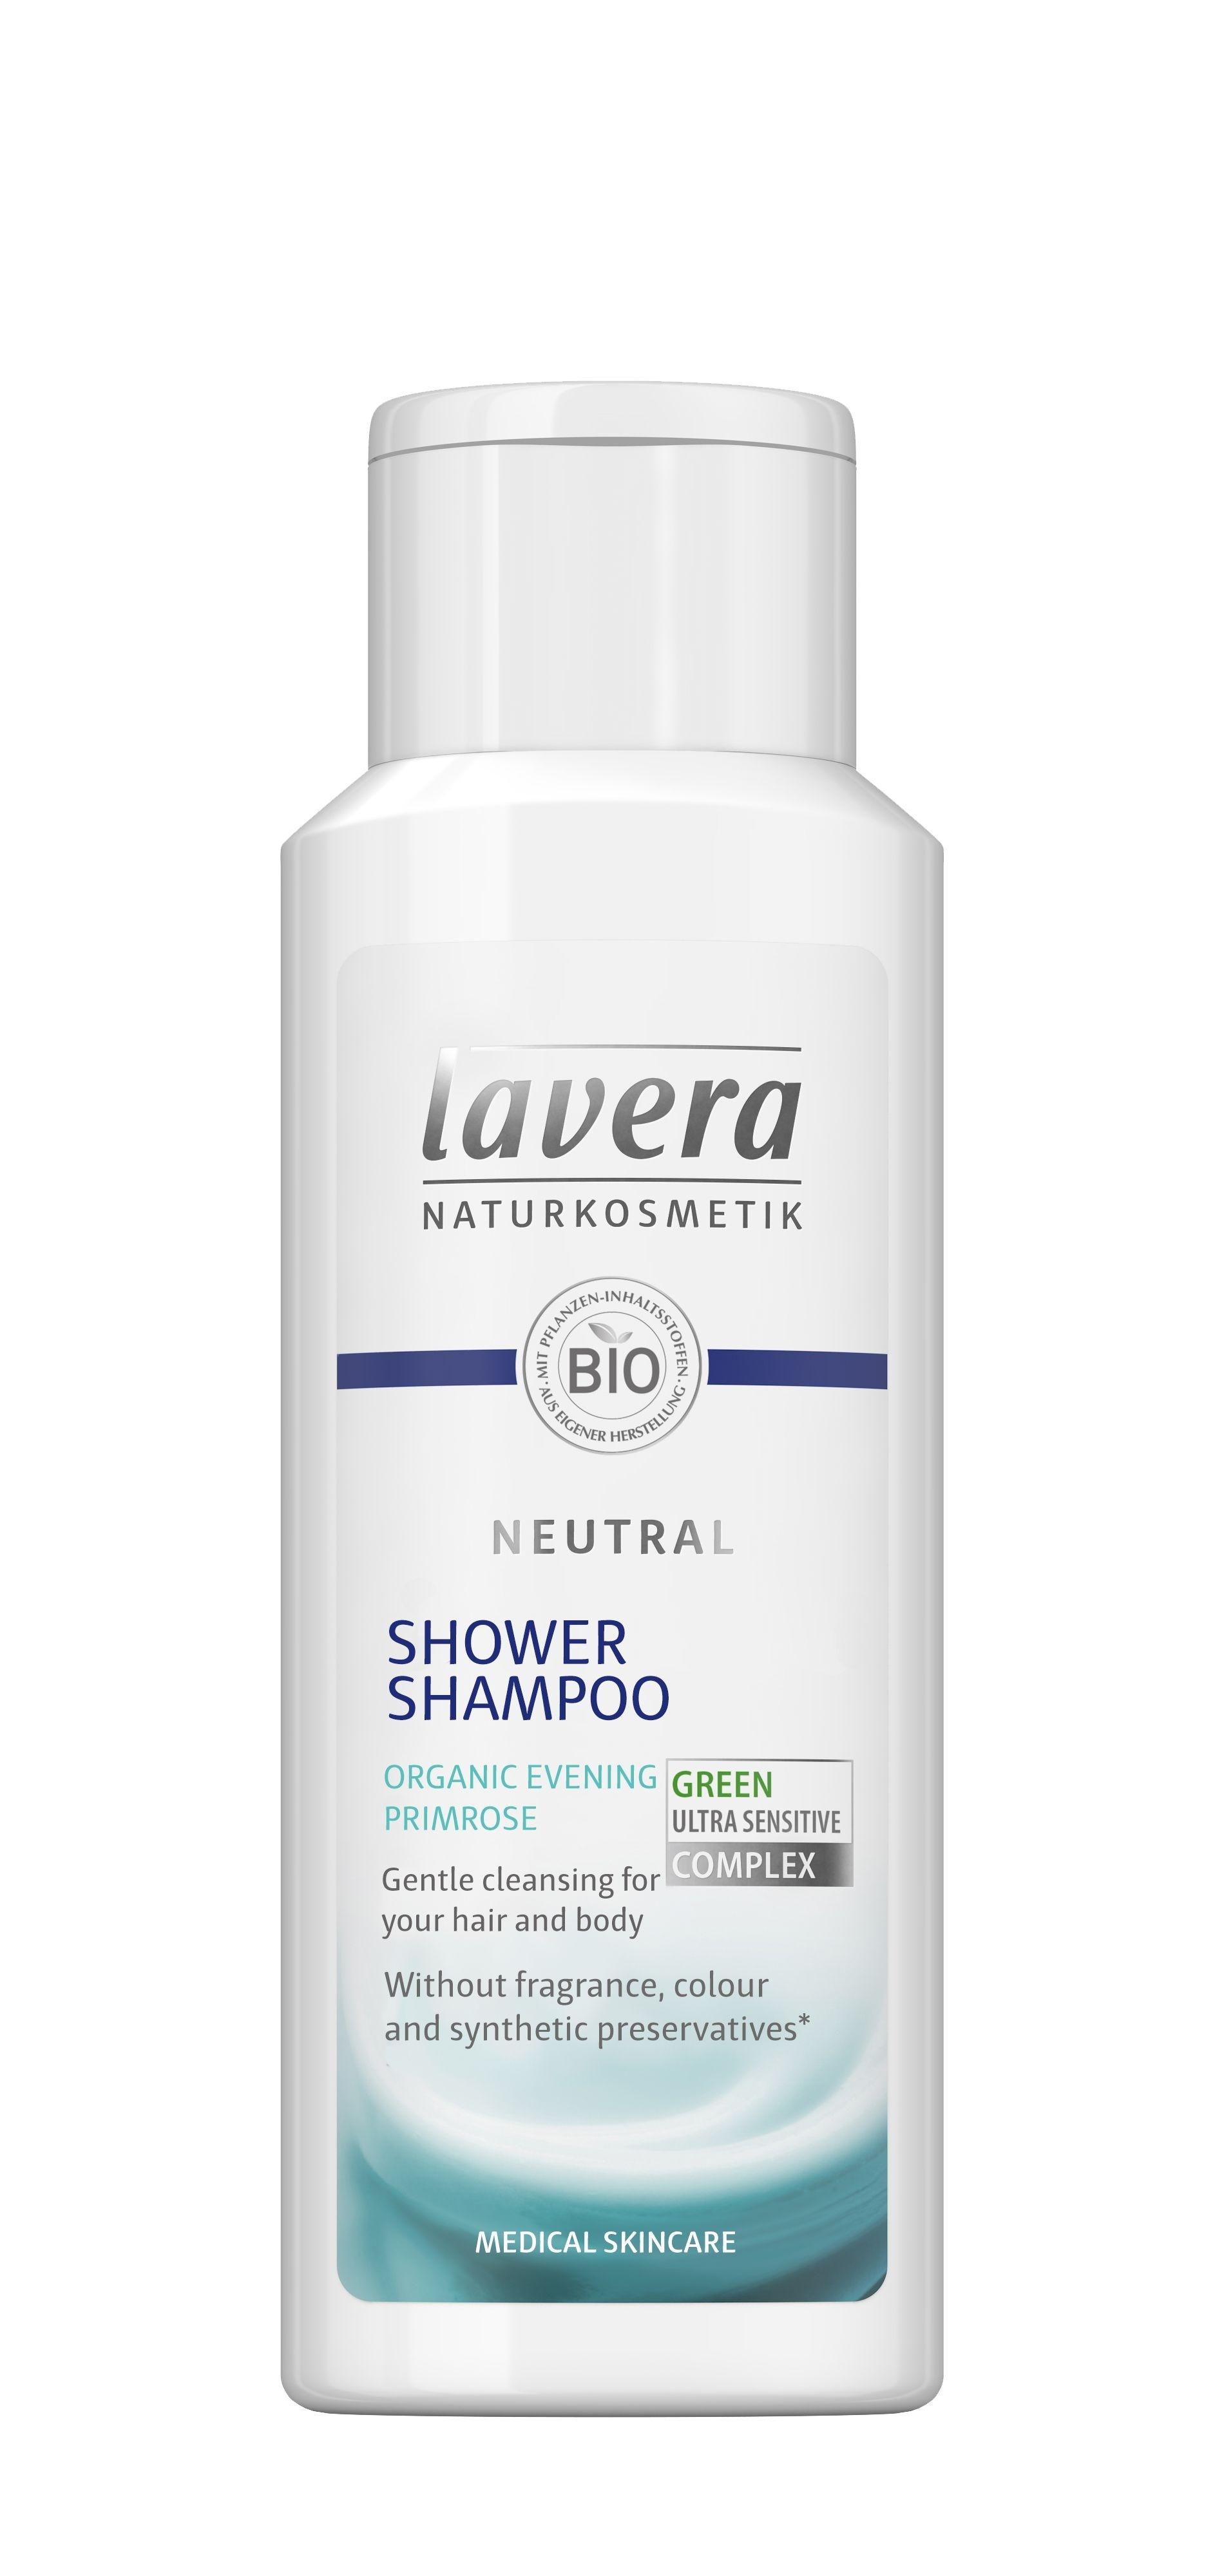 Lavera Neutral Shower Shampoo 200ml